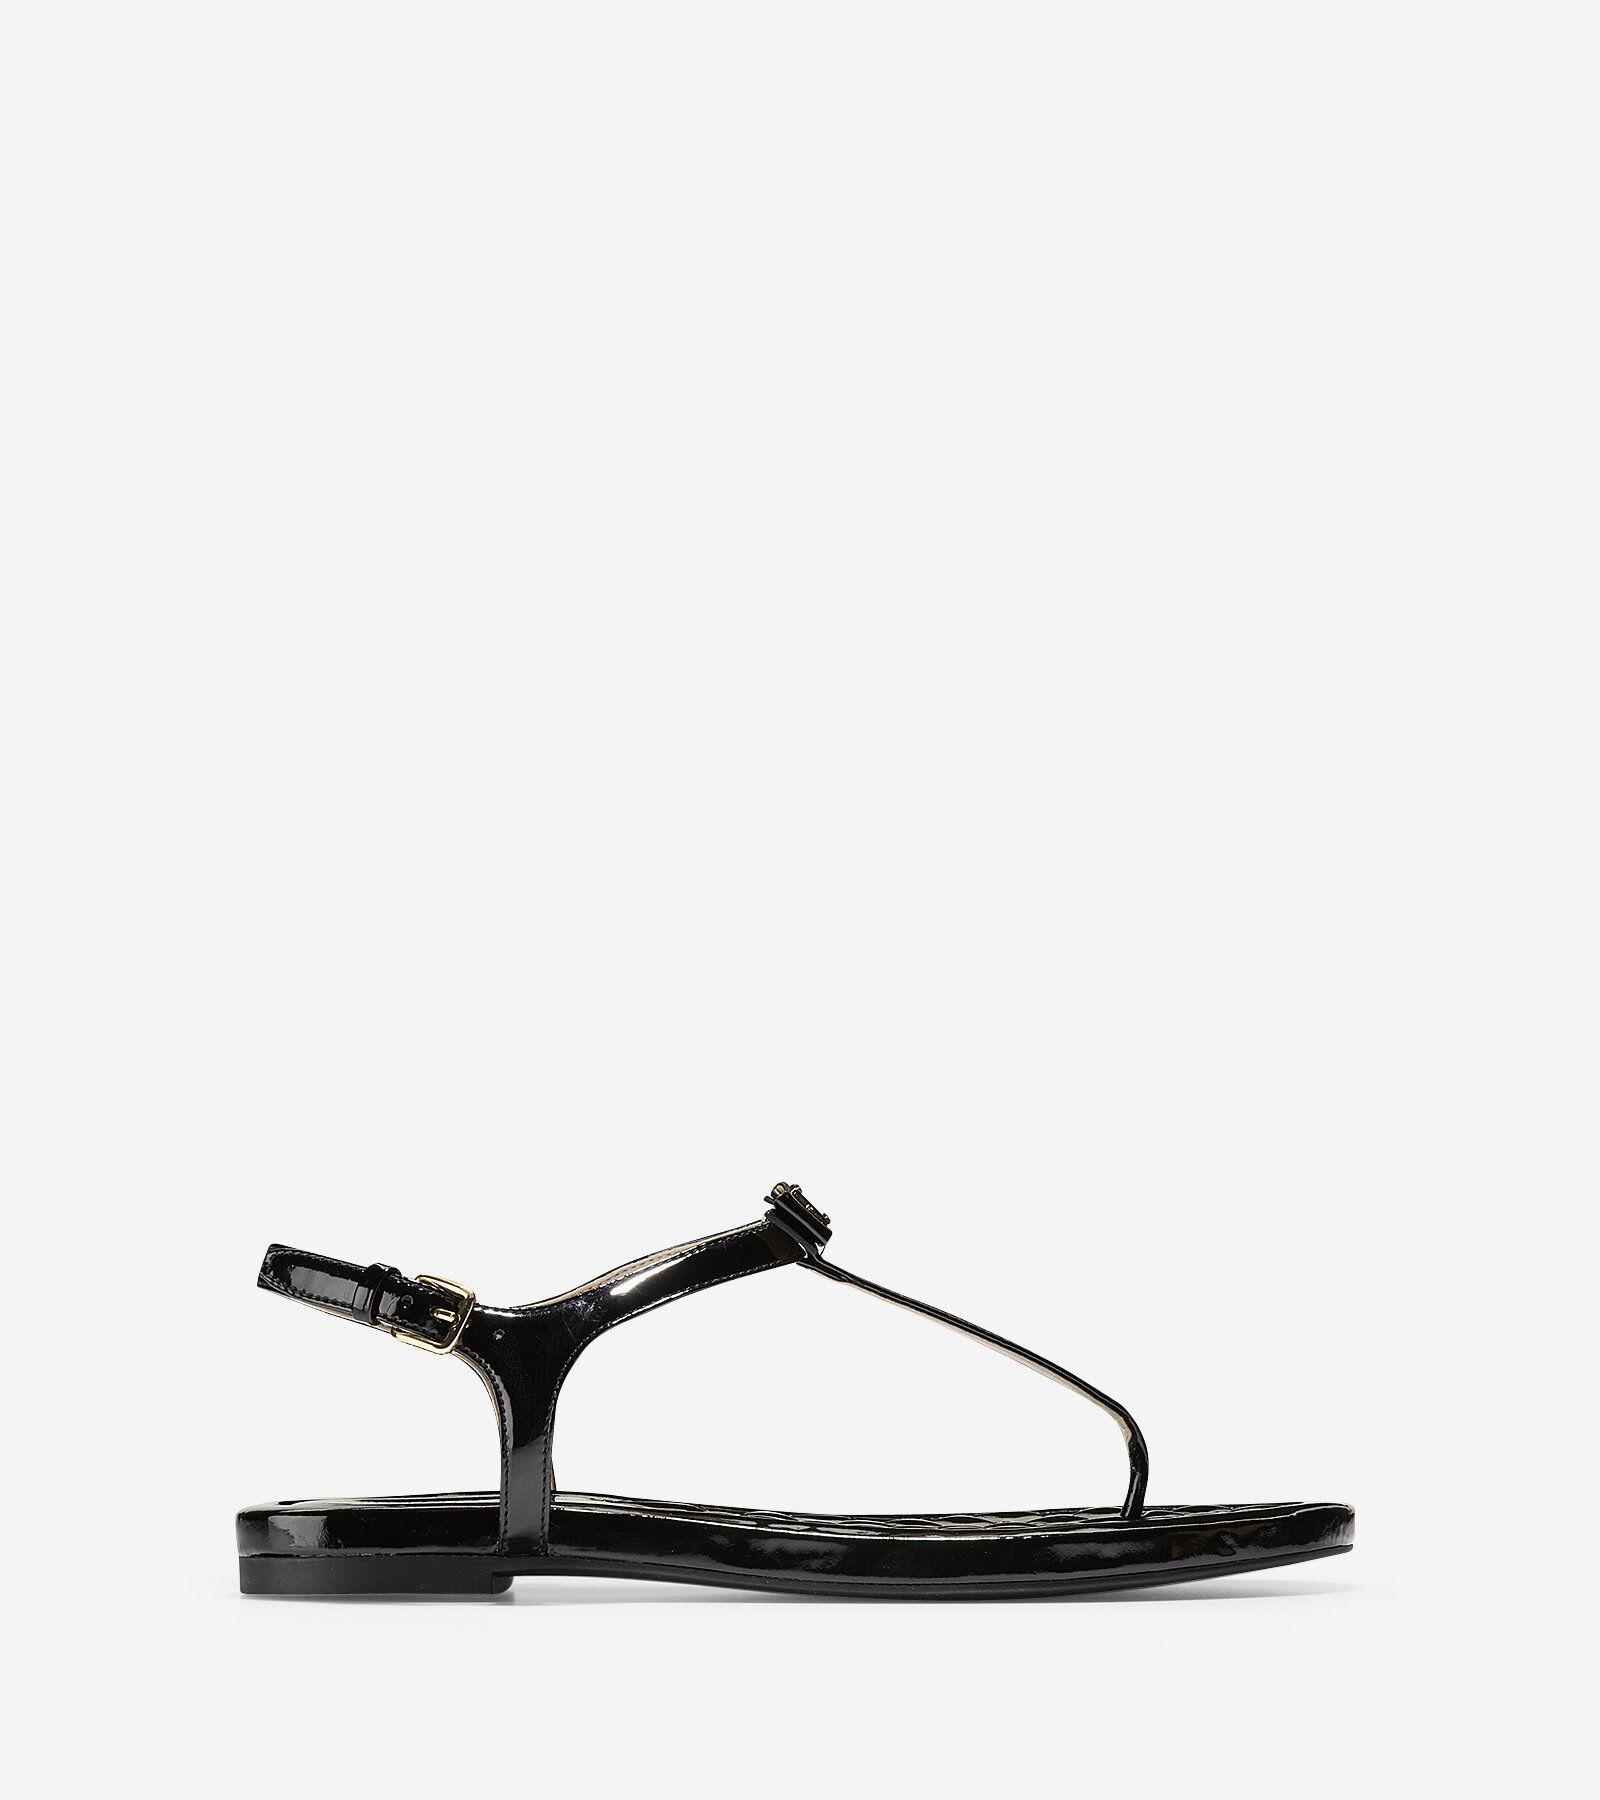 Cole Haan Tali Mini Bow Studded Leather Sandal FjDAaqC